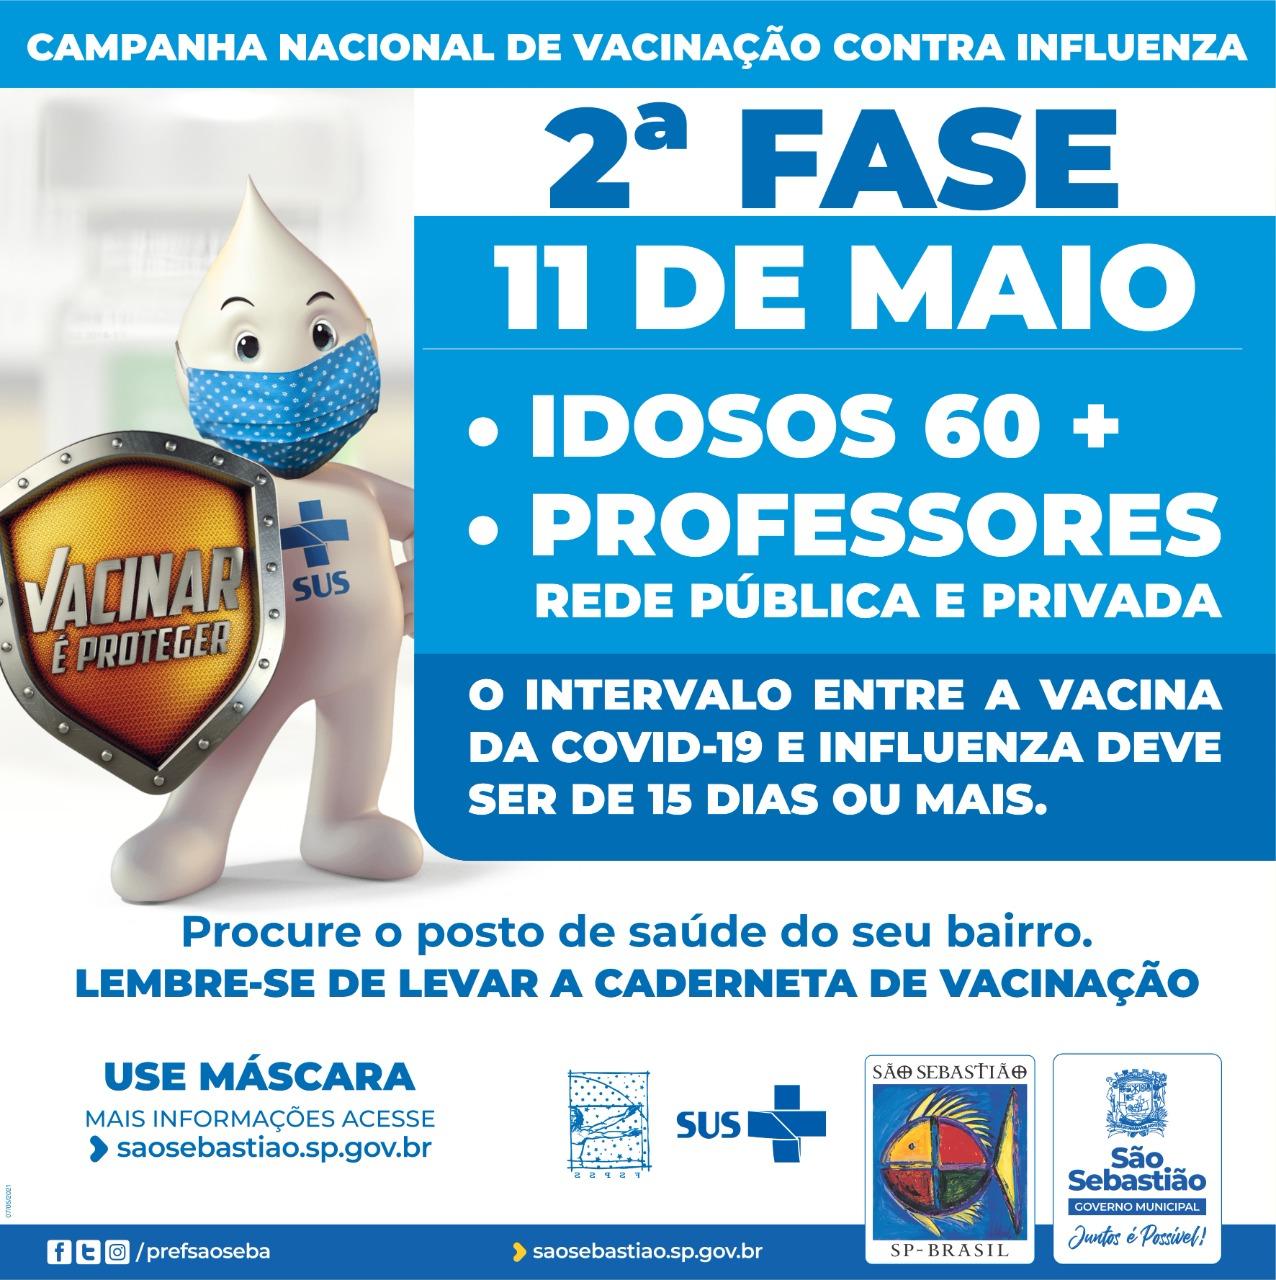 Vacinação contra gripe (Influenza) para professores e pessoas com 60 anos ou mais começa nesta terça-feira (11) em São Sebastião